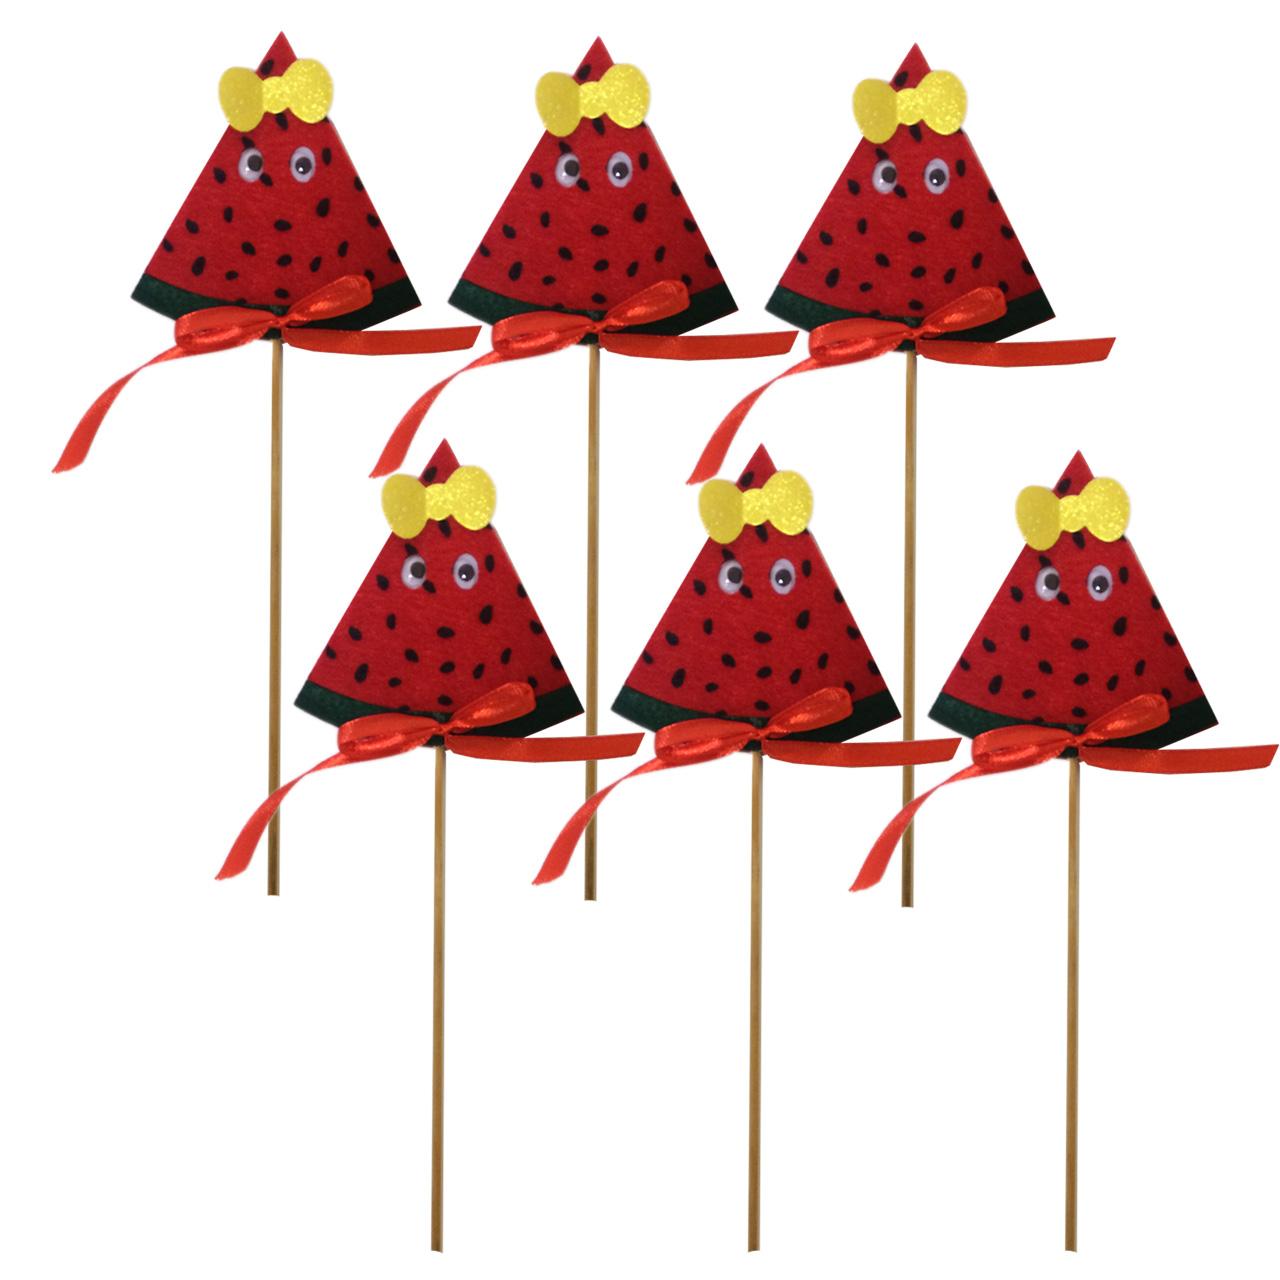 تاپر هندوانه شب یلدا مدل Yalda Watermelon مجموعه 6عددی